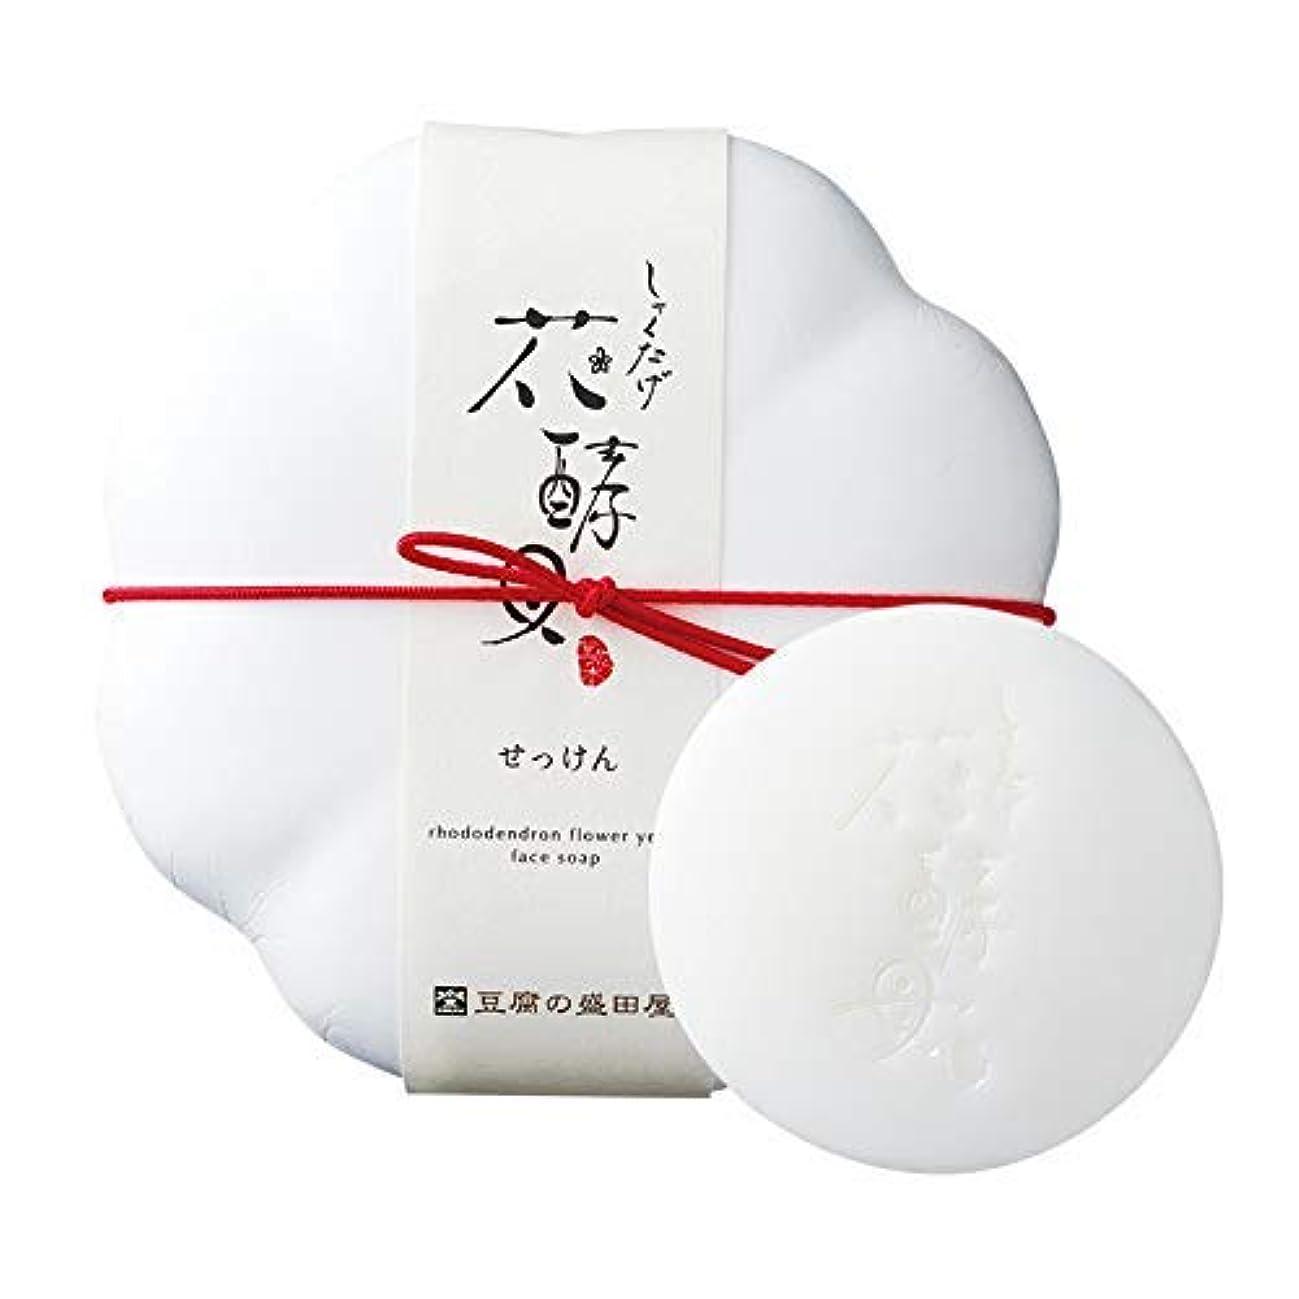 抽出放置教師の日豆腐の盛田屋 豆花水 しゃくなげ花酵母せっけん 50g